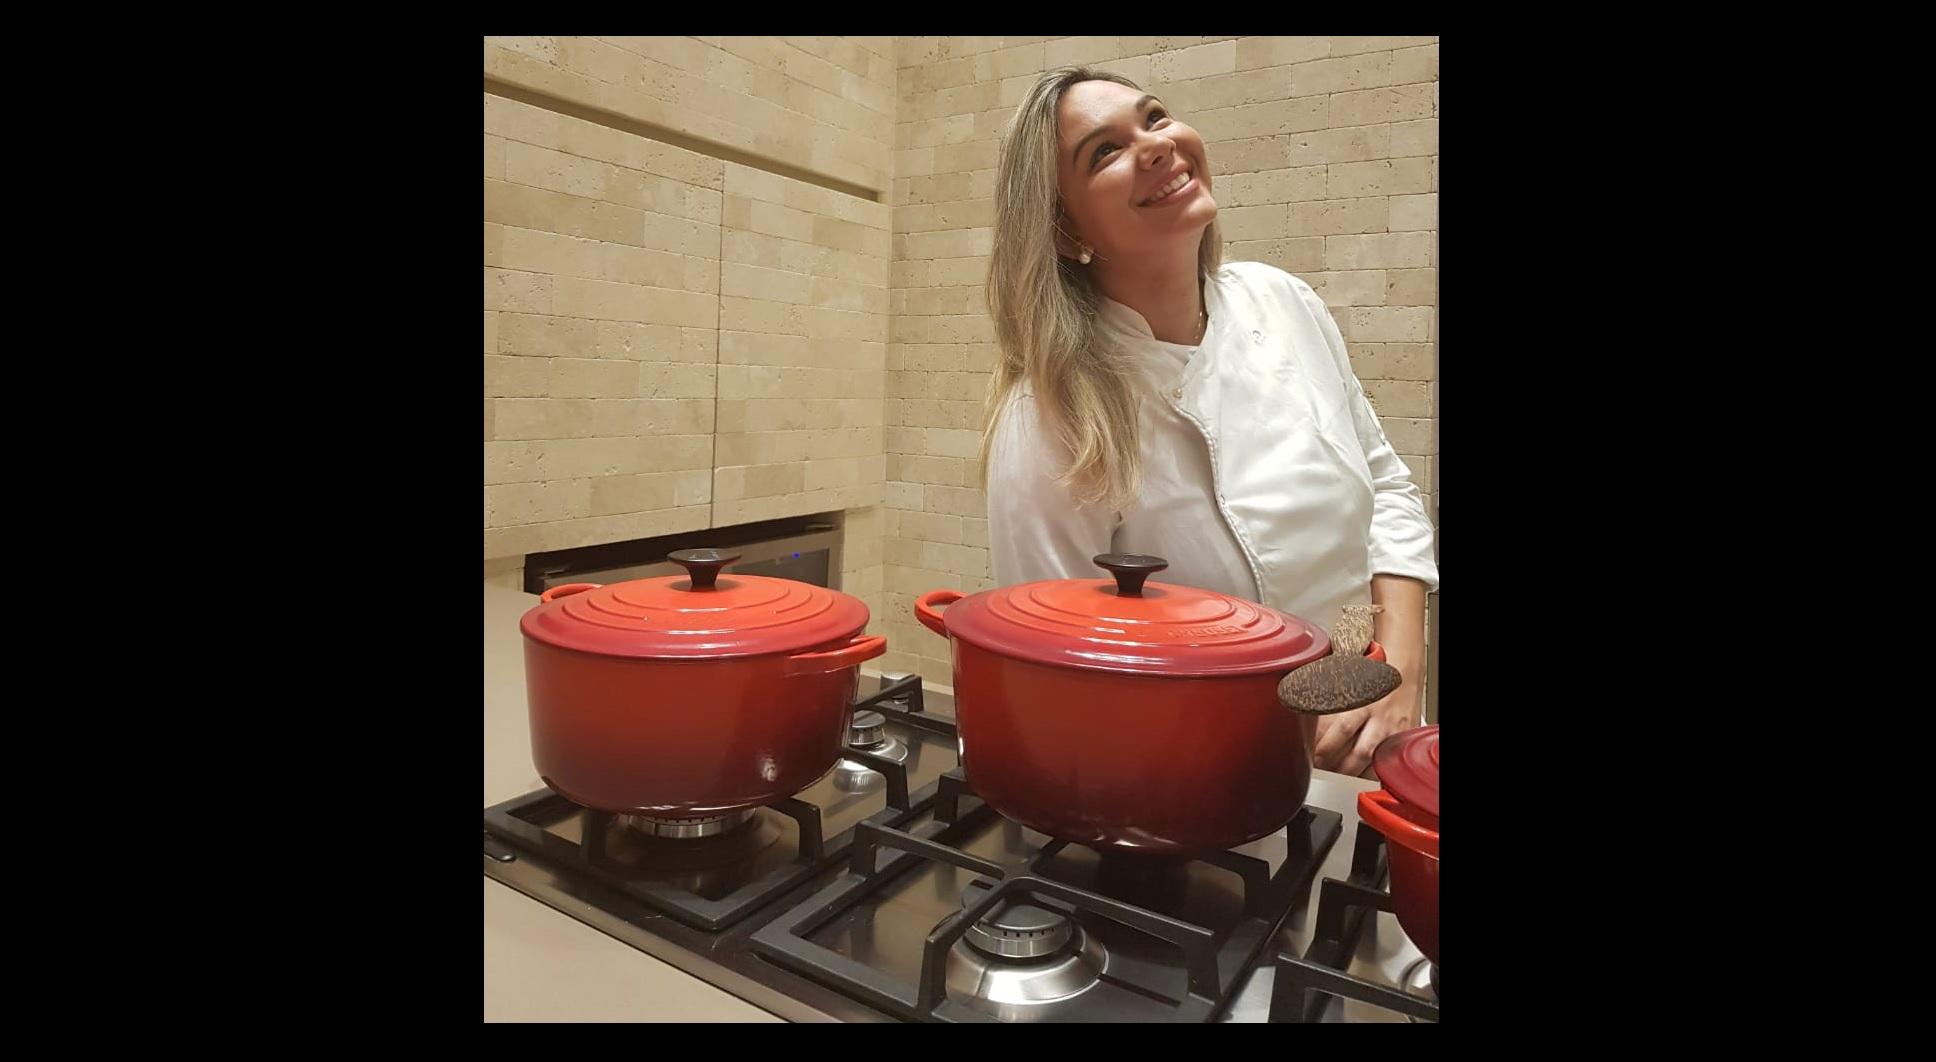 Foto: Divulgação/Arquivo Pessoal - Formada em gastronomia pela Universidade Anhembi Morumbi de São Paulo-SP, a chef Mayla Araújo atendeu um convite do Guaraí Notícias para apresentar uma receita prática de chambari.